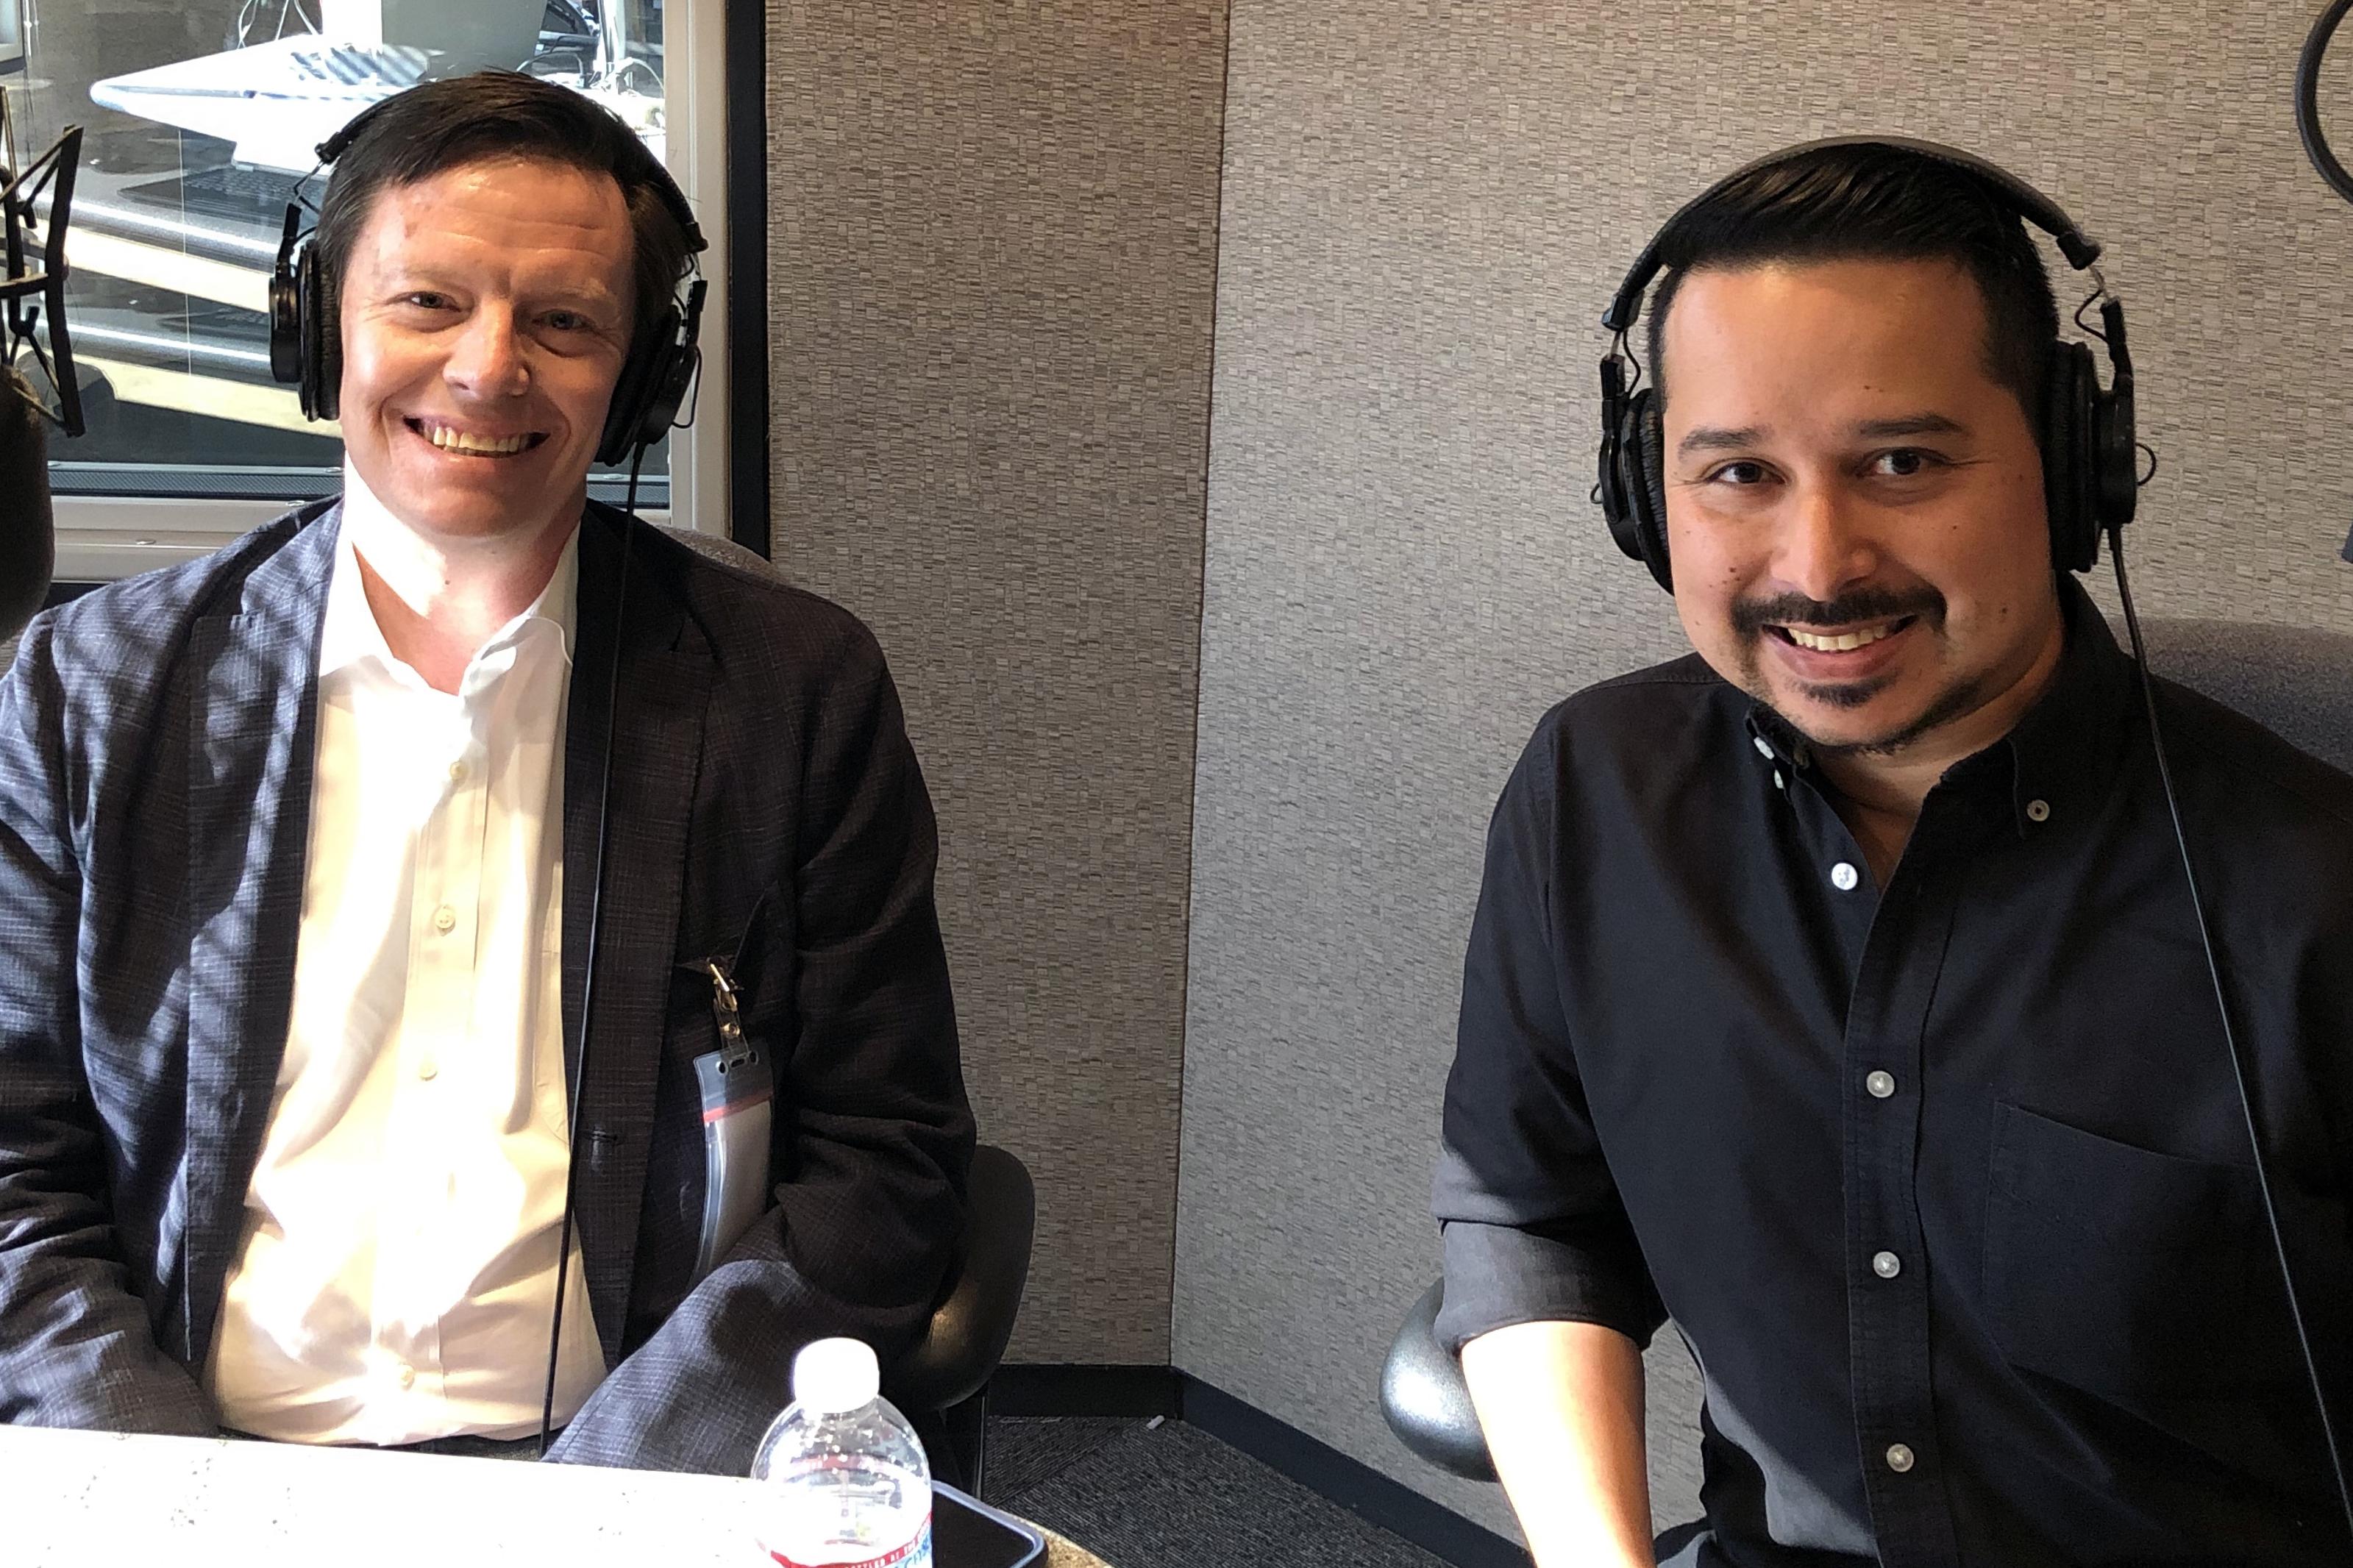 Chris Baker and Roy Herrera